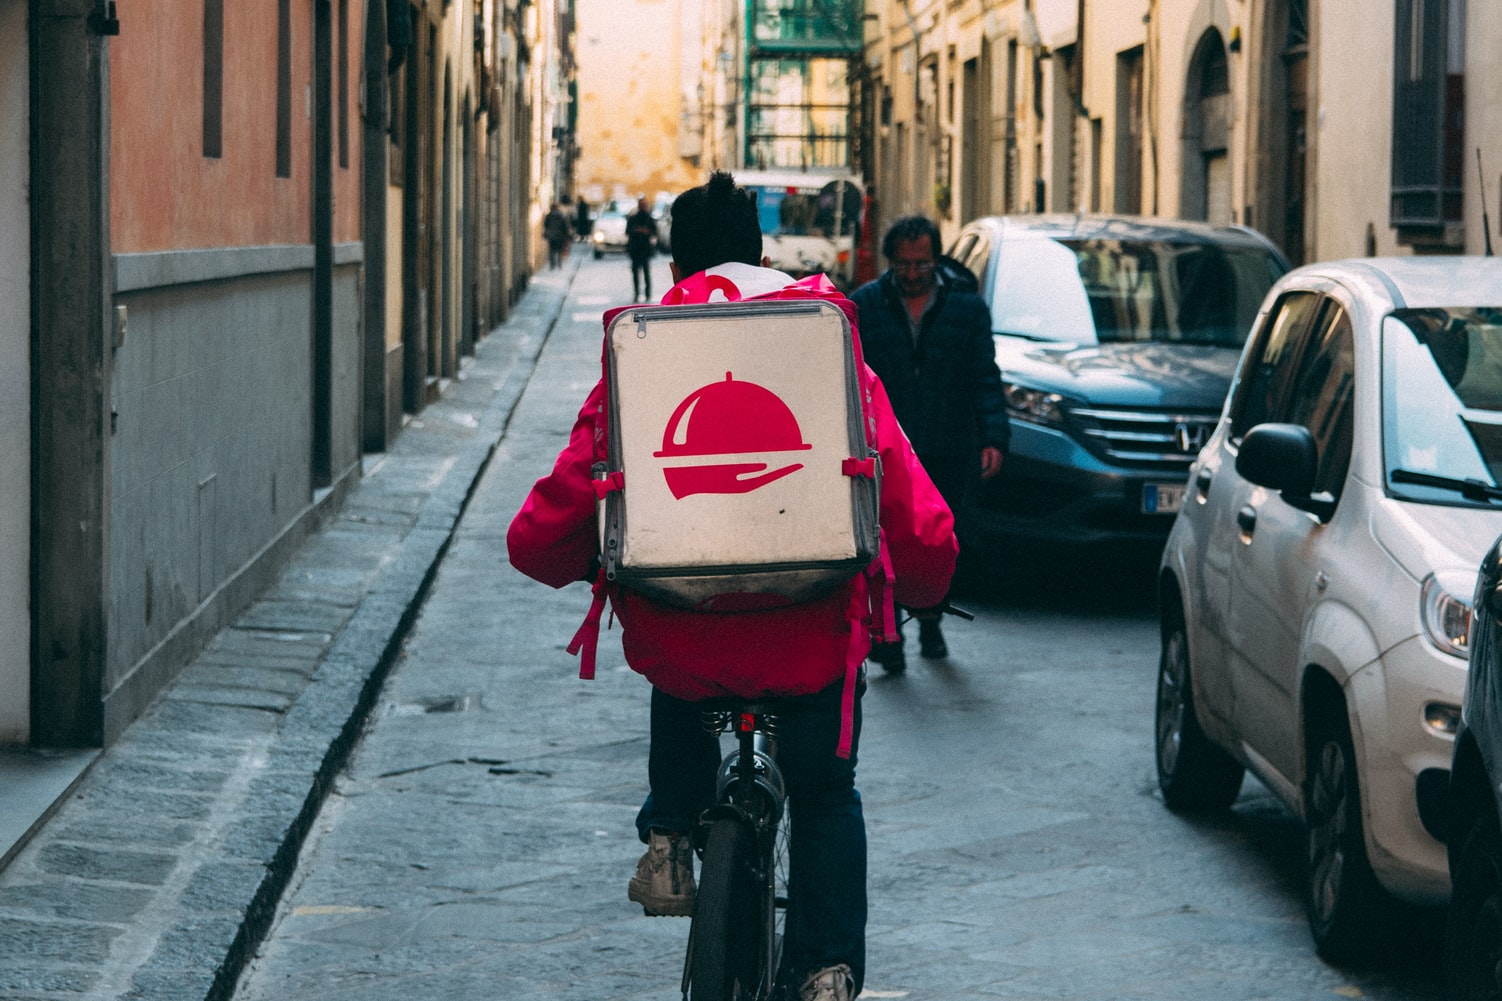 deliver image